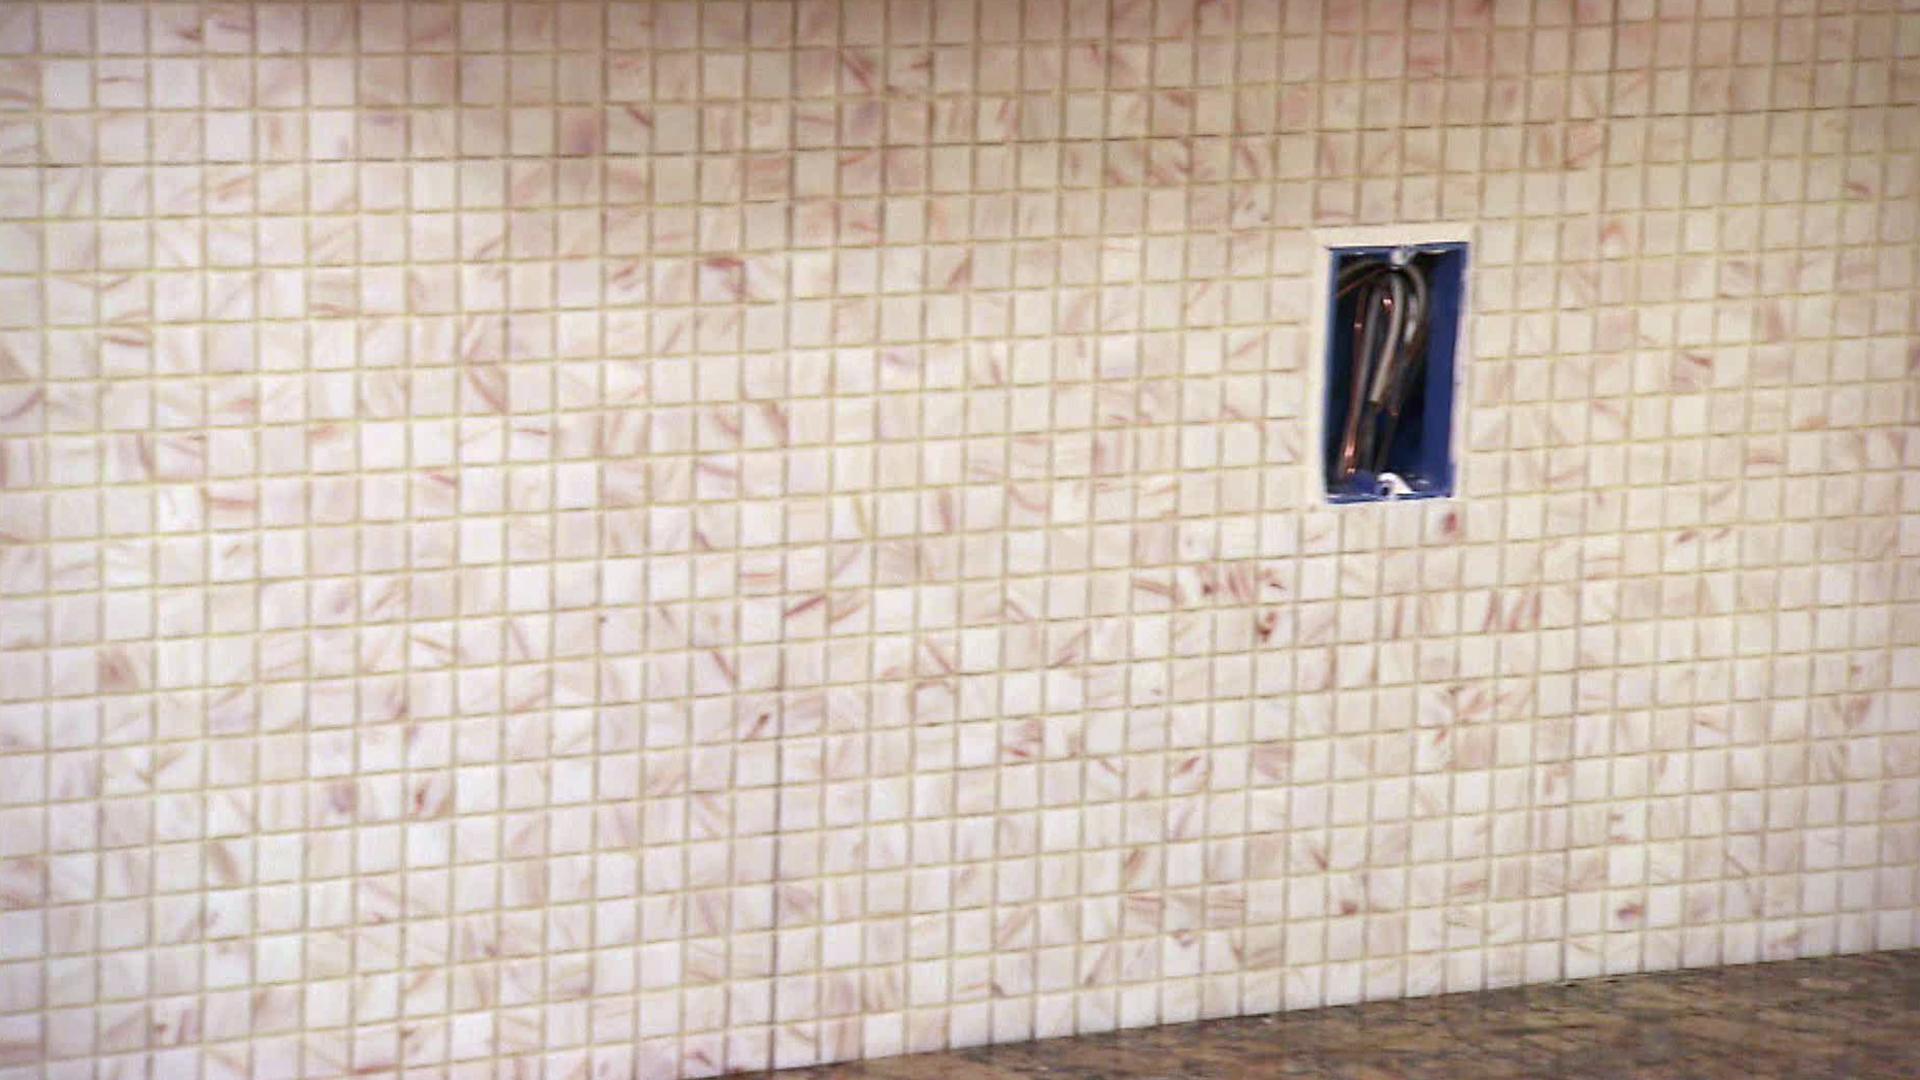 Ceramic Tile Backsplashes: Pictures, Ideas & Tips From HGTV | HGTV